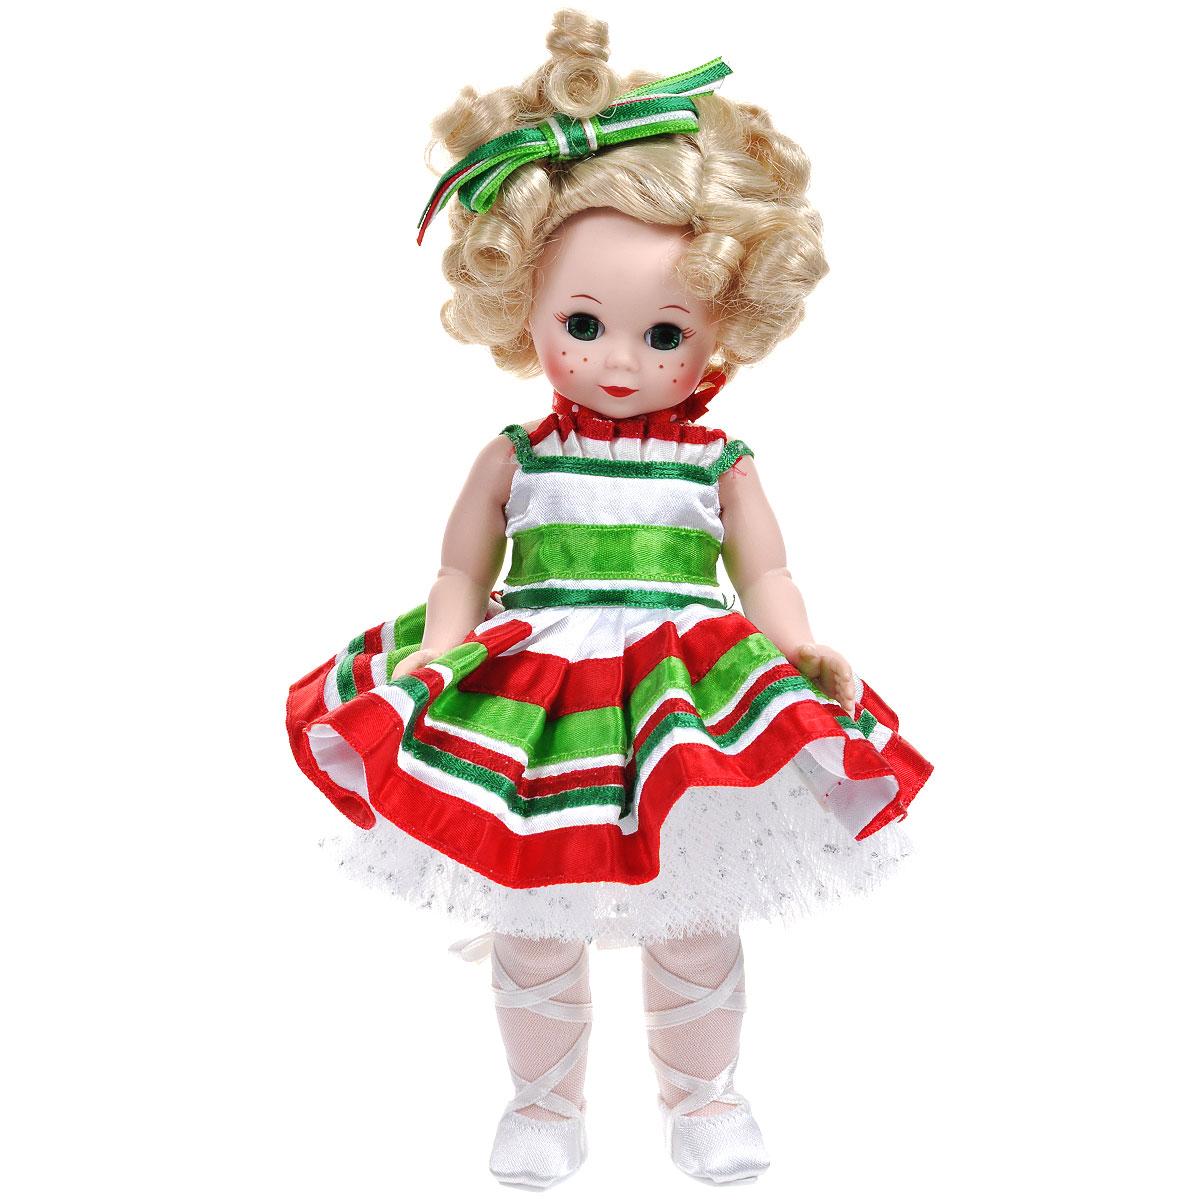 Madame Alexander Пупс Балерина Кенди51469, 61655Кукла Madame Alexander Балерина Кенди станет прекрасным украшением любой коллекции. Куколка с личиком Мегги, зелеными глазами, светлыми кудрями, причесанными на косой пробор и завязанными бантом из разноцветной ленточки создана блистать в атласной балетной пачке, украшенной такой же лентой, как и в ее волосах. Юбка скроена с плавными складками, талия подчеркнута зеленой ленточкой. Белые колготки и белые атласные балетки дополняют очаровательный образ Балерины Кенди. Реалистичные глазки куклы закрываются, если положить ее на спину.